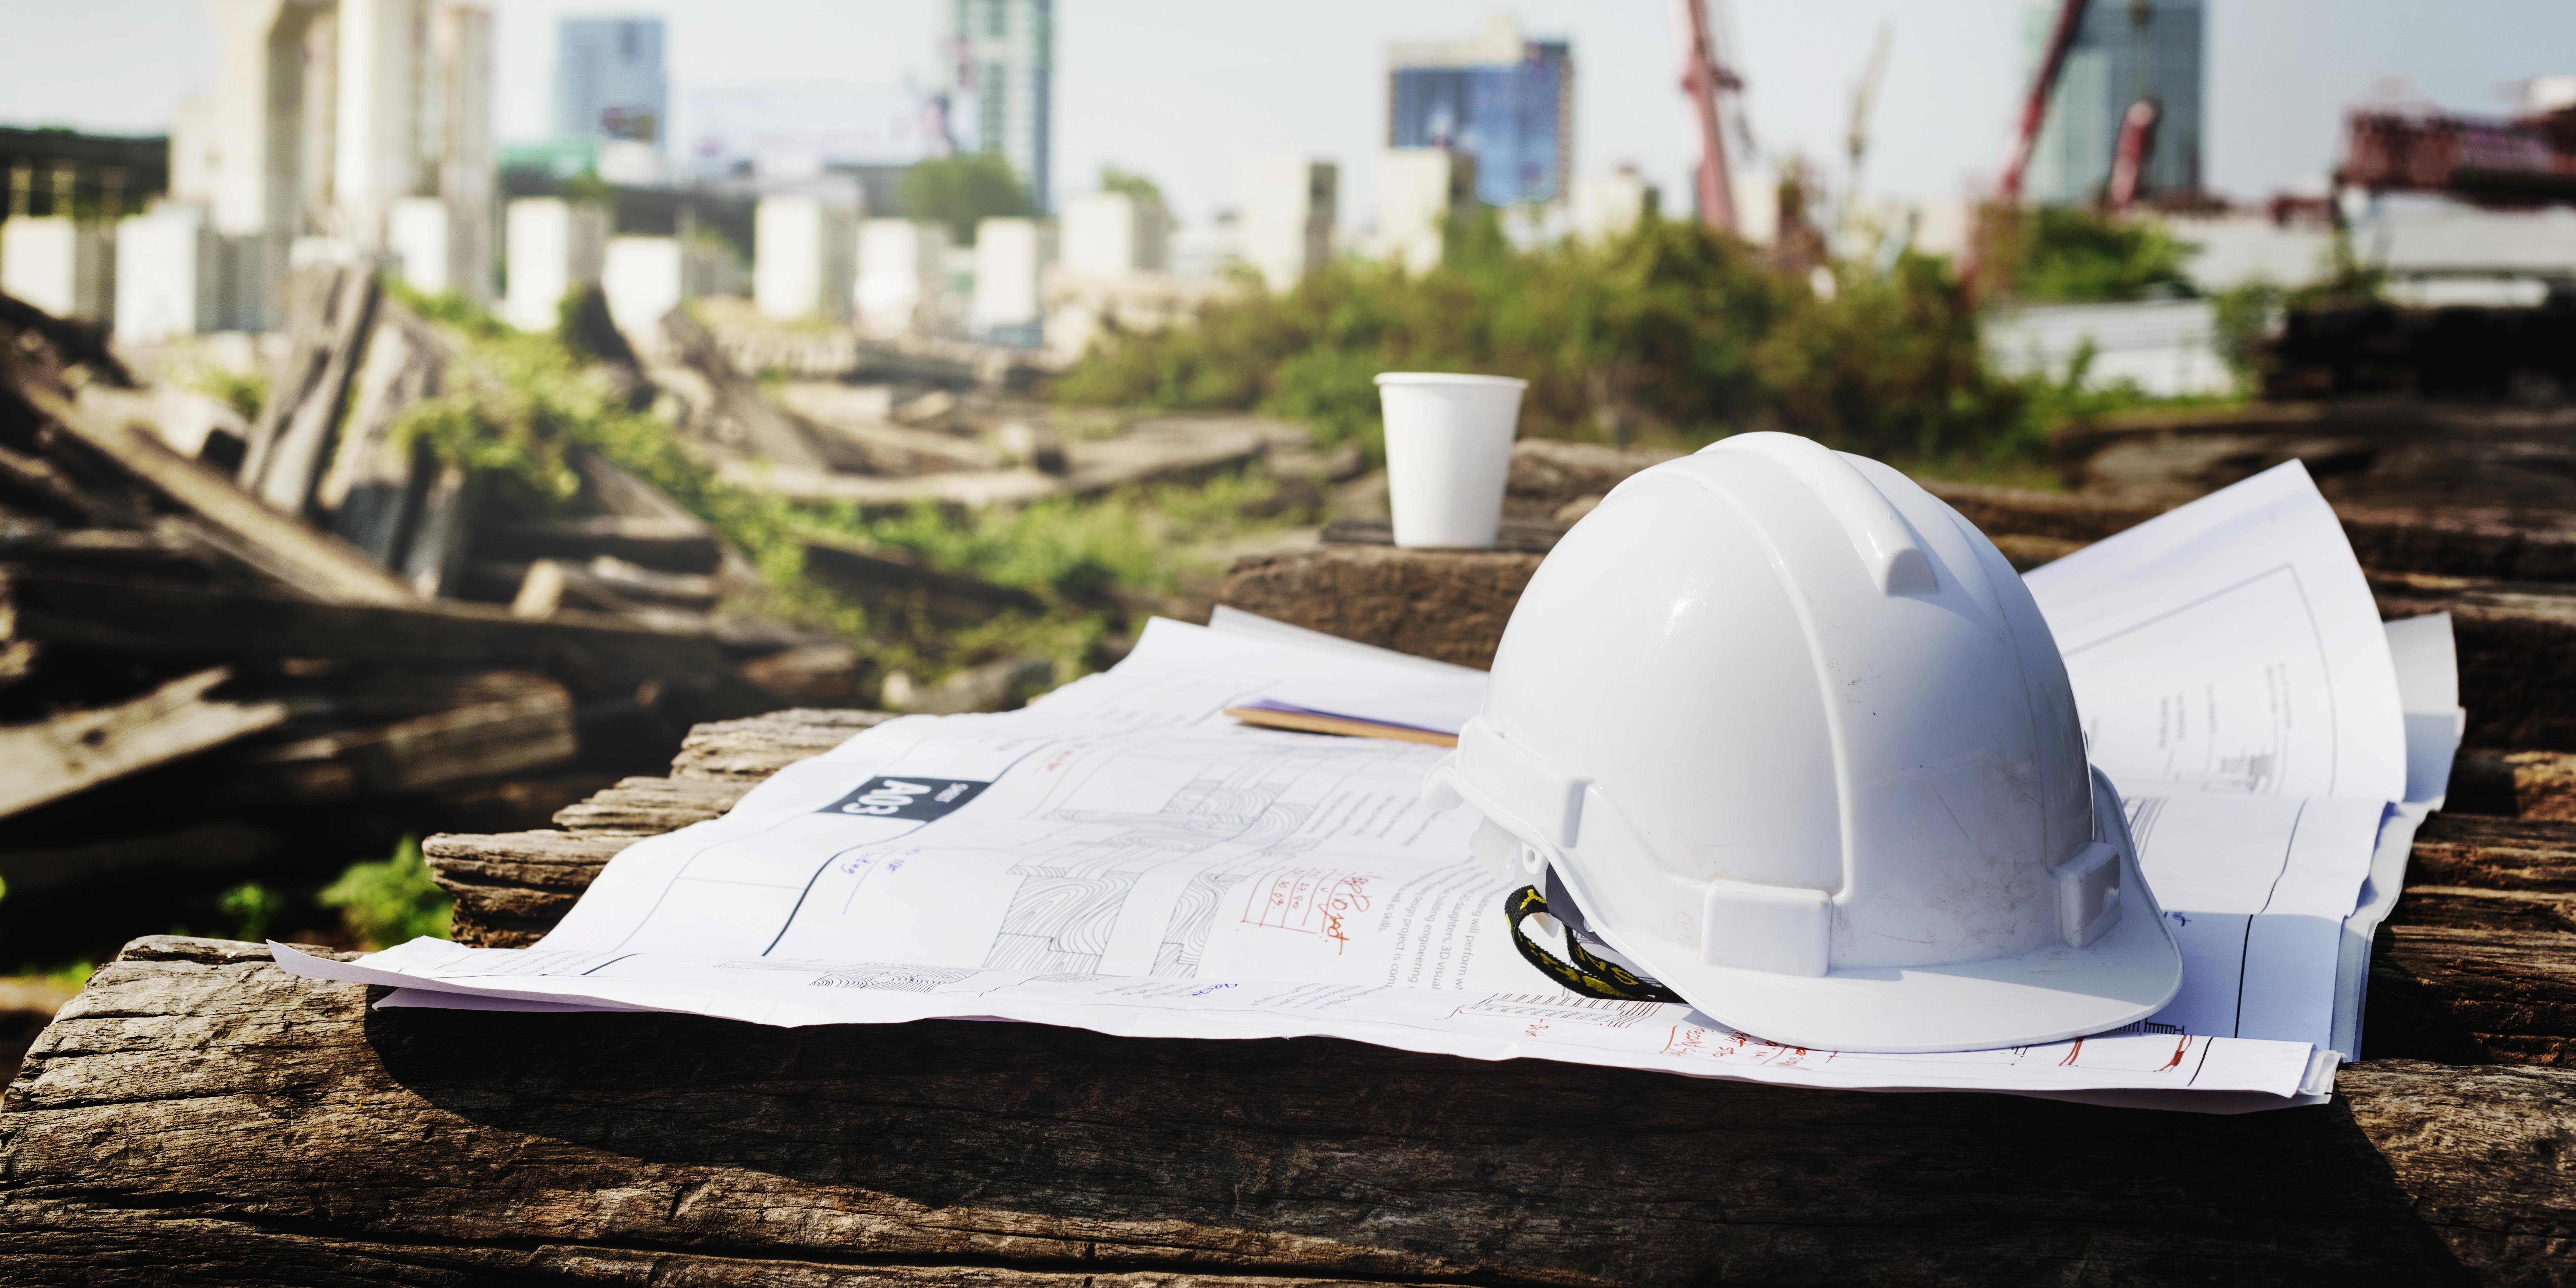 ADMINISTRACIÓN DE LA CONSTRUCCIÓN II AGO 21-ENE 2022